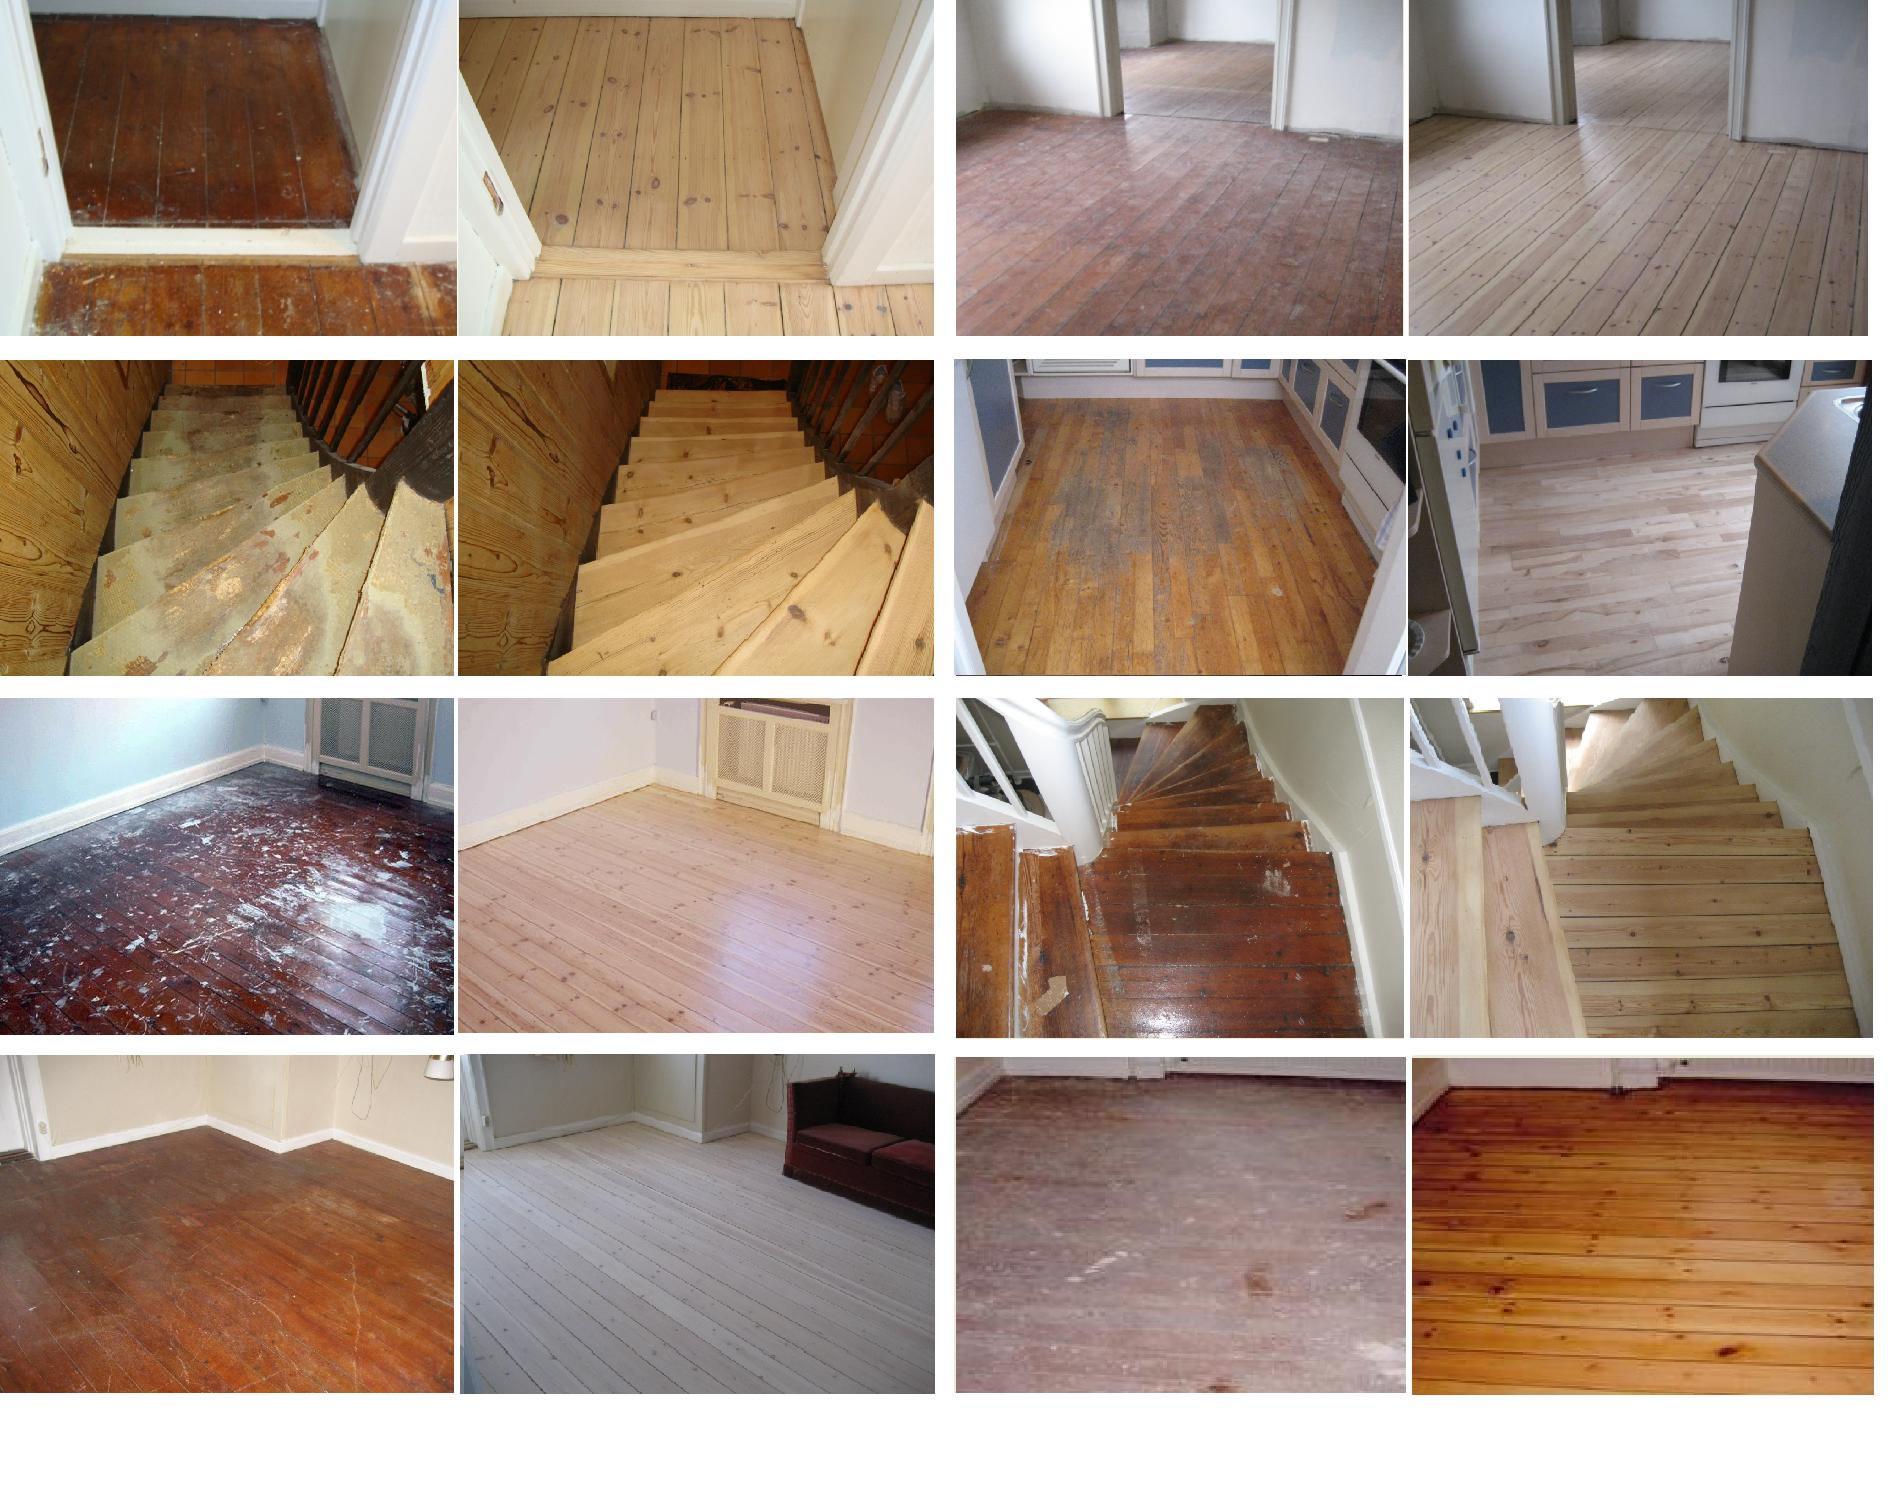 Eksempler på gulvafslibninger